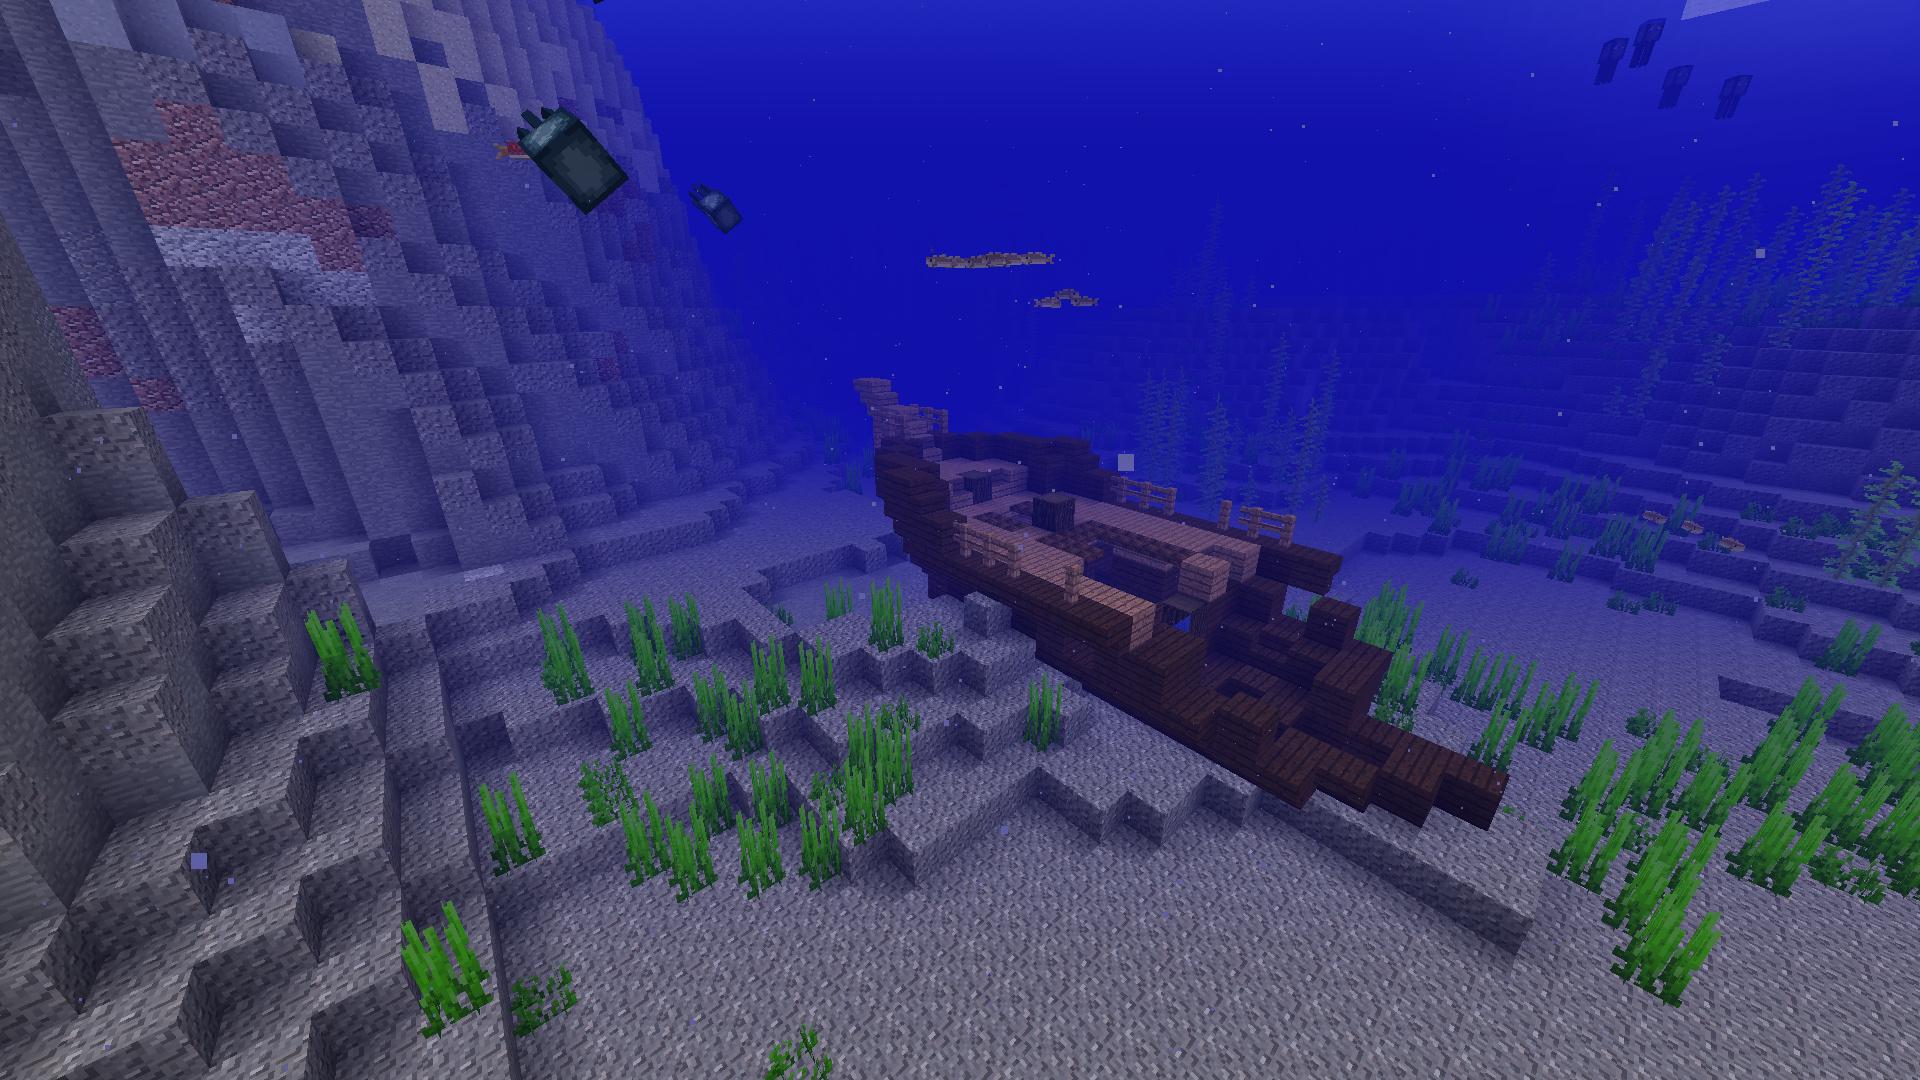 Minecraft 1.14 Kommt früher als gedacht! - MyFTB Diskussionen